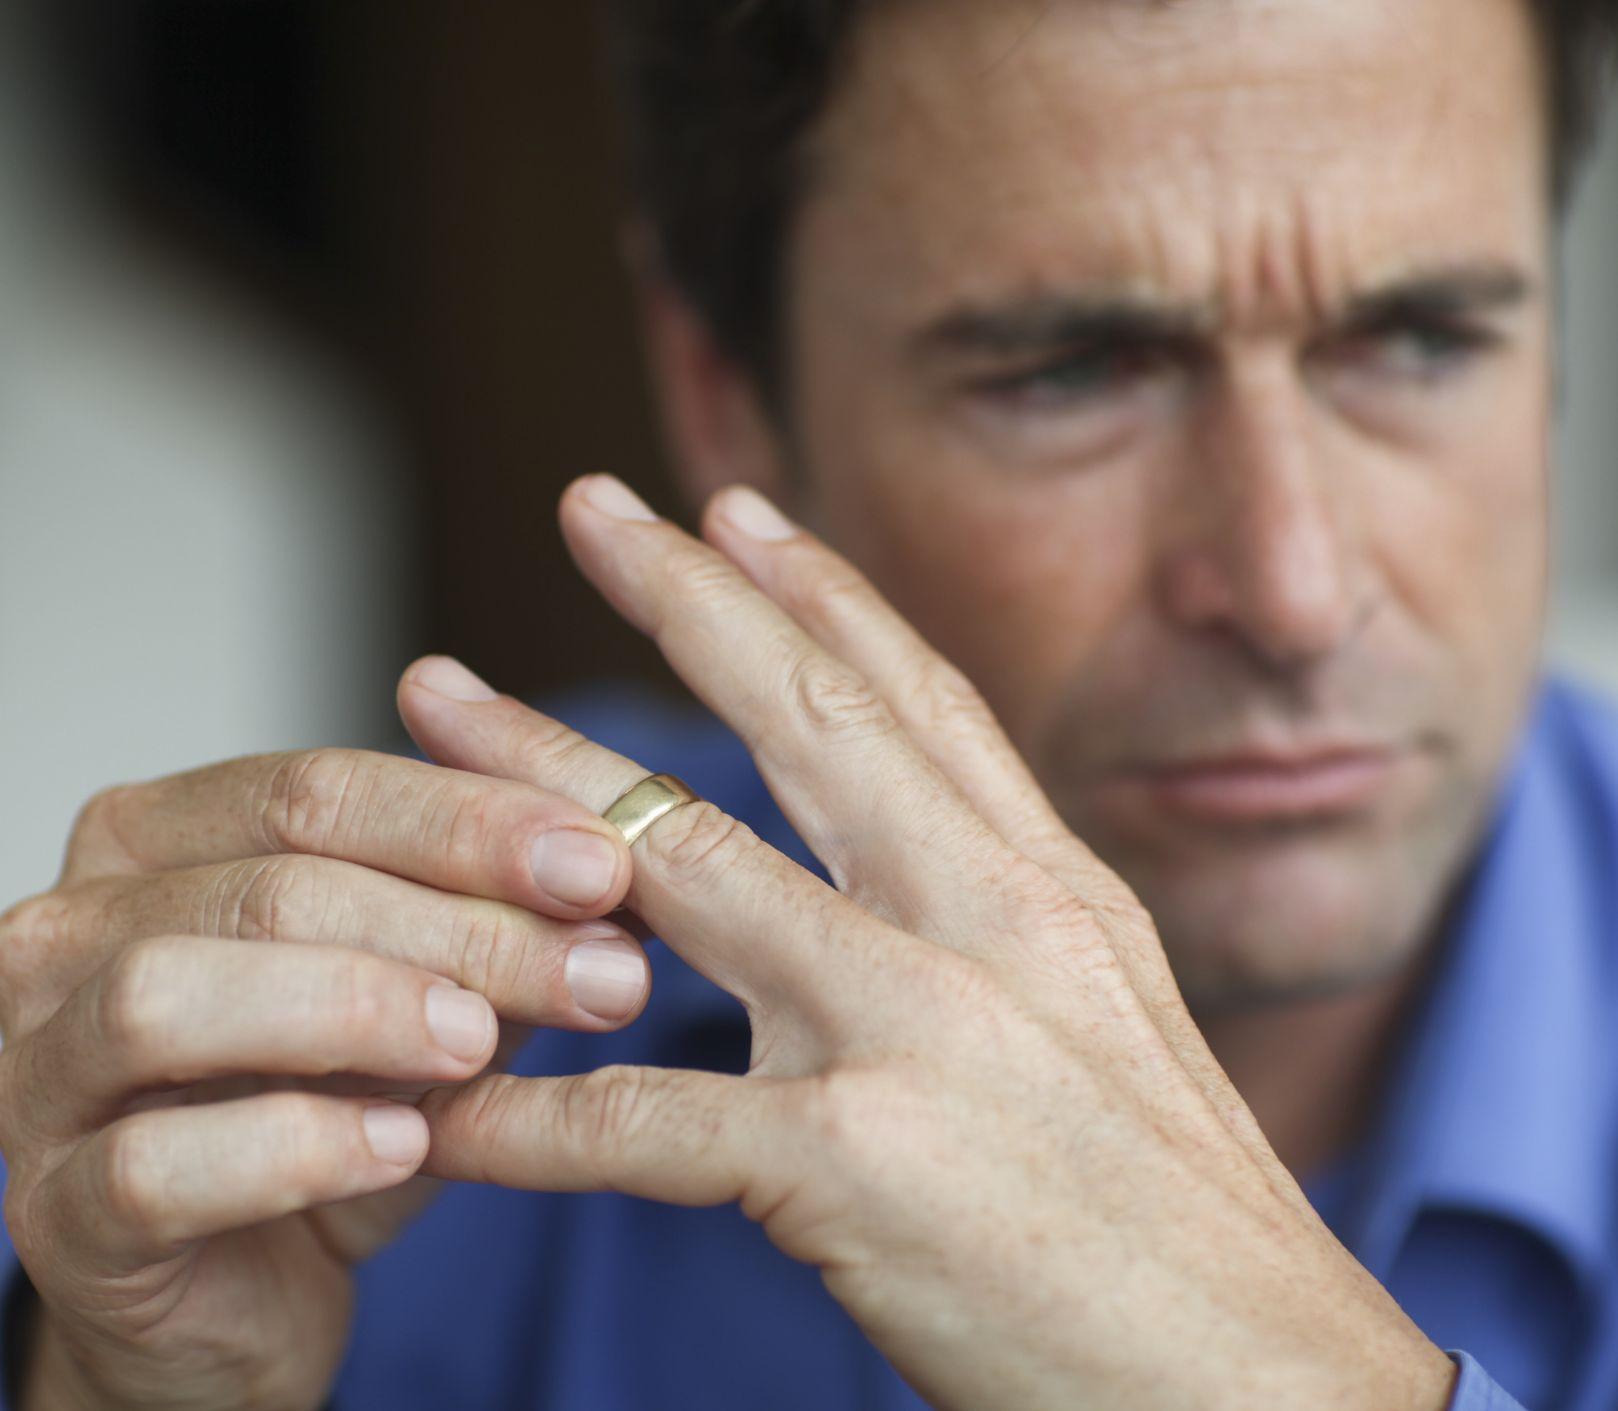 Kto trpí rozchodom viac: Muži alebo ženy?